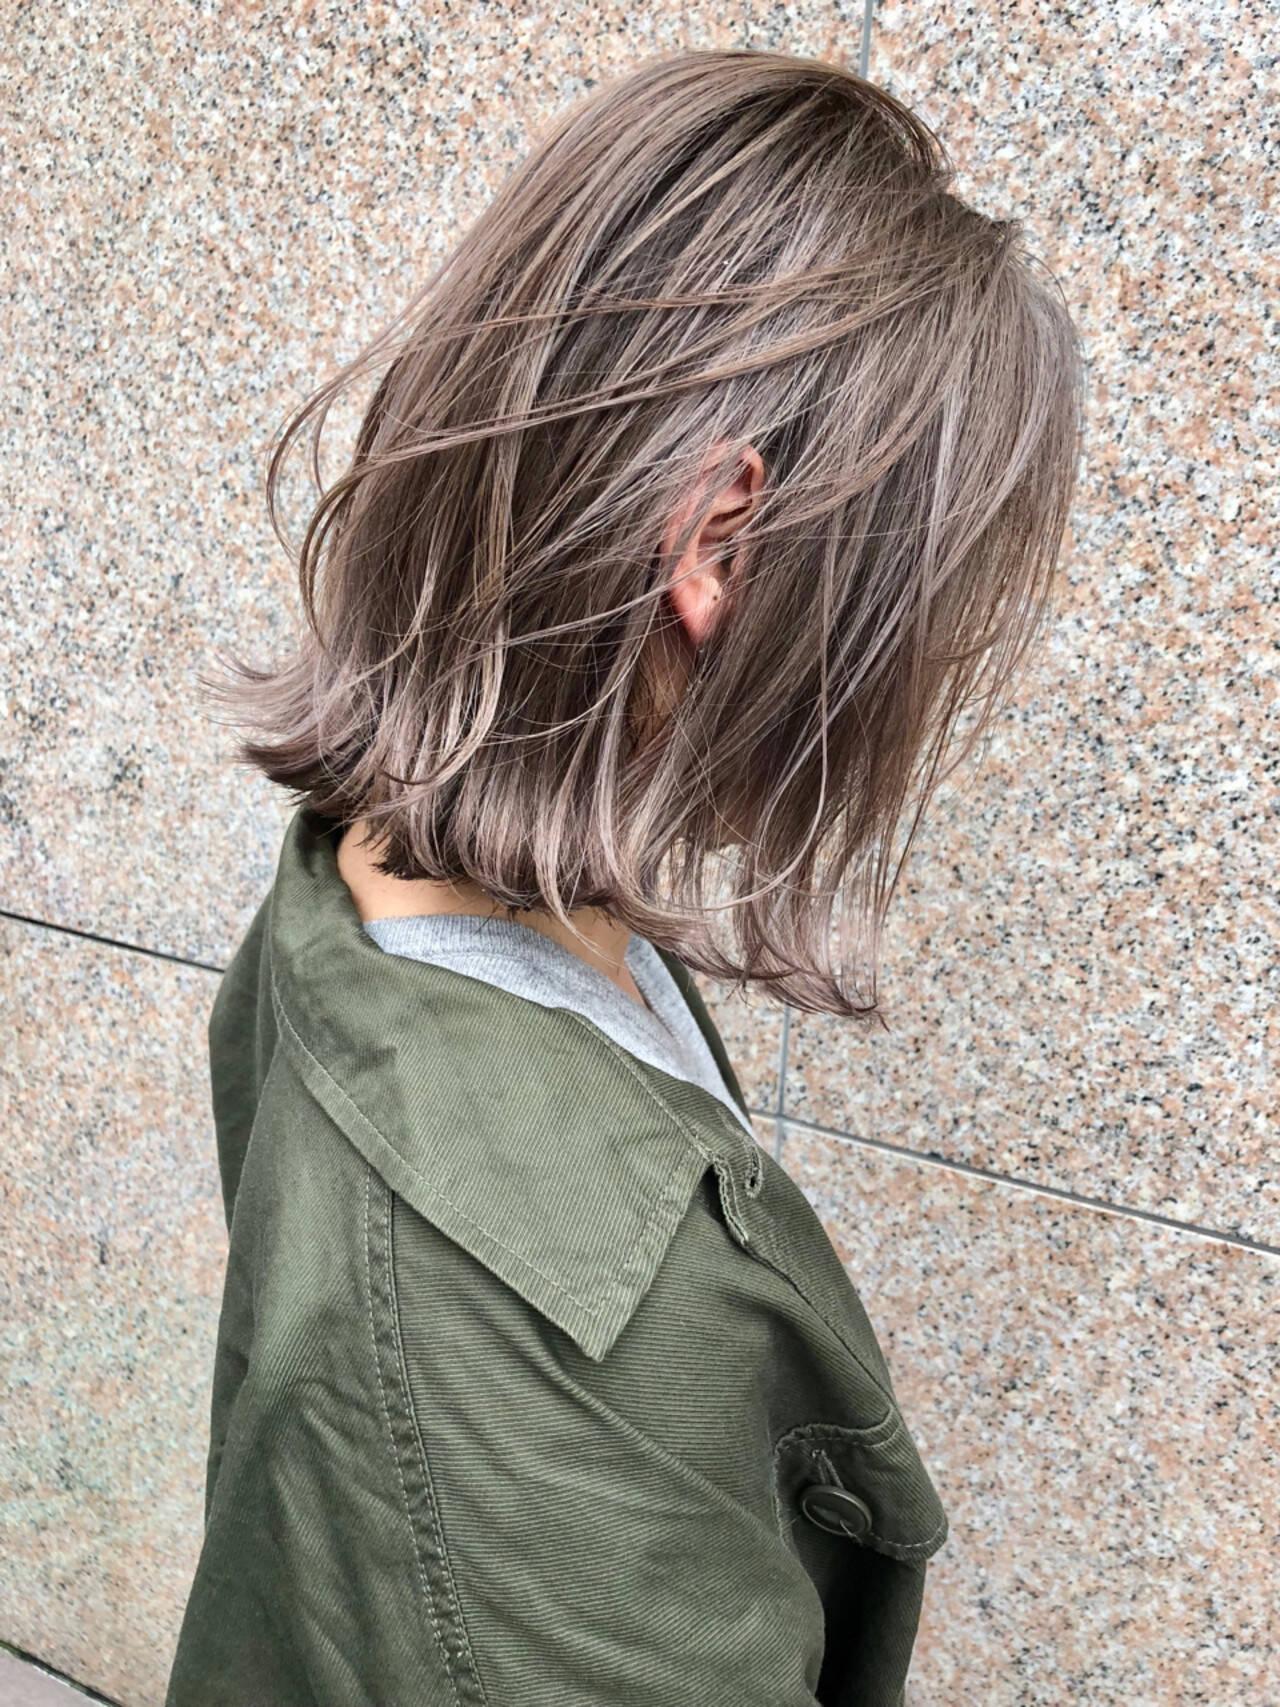 ハイライト ゆるふわ ストリート アンニュイヘアスタイルや髪型の写真・画像